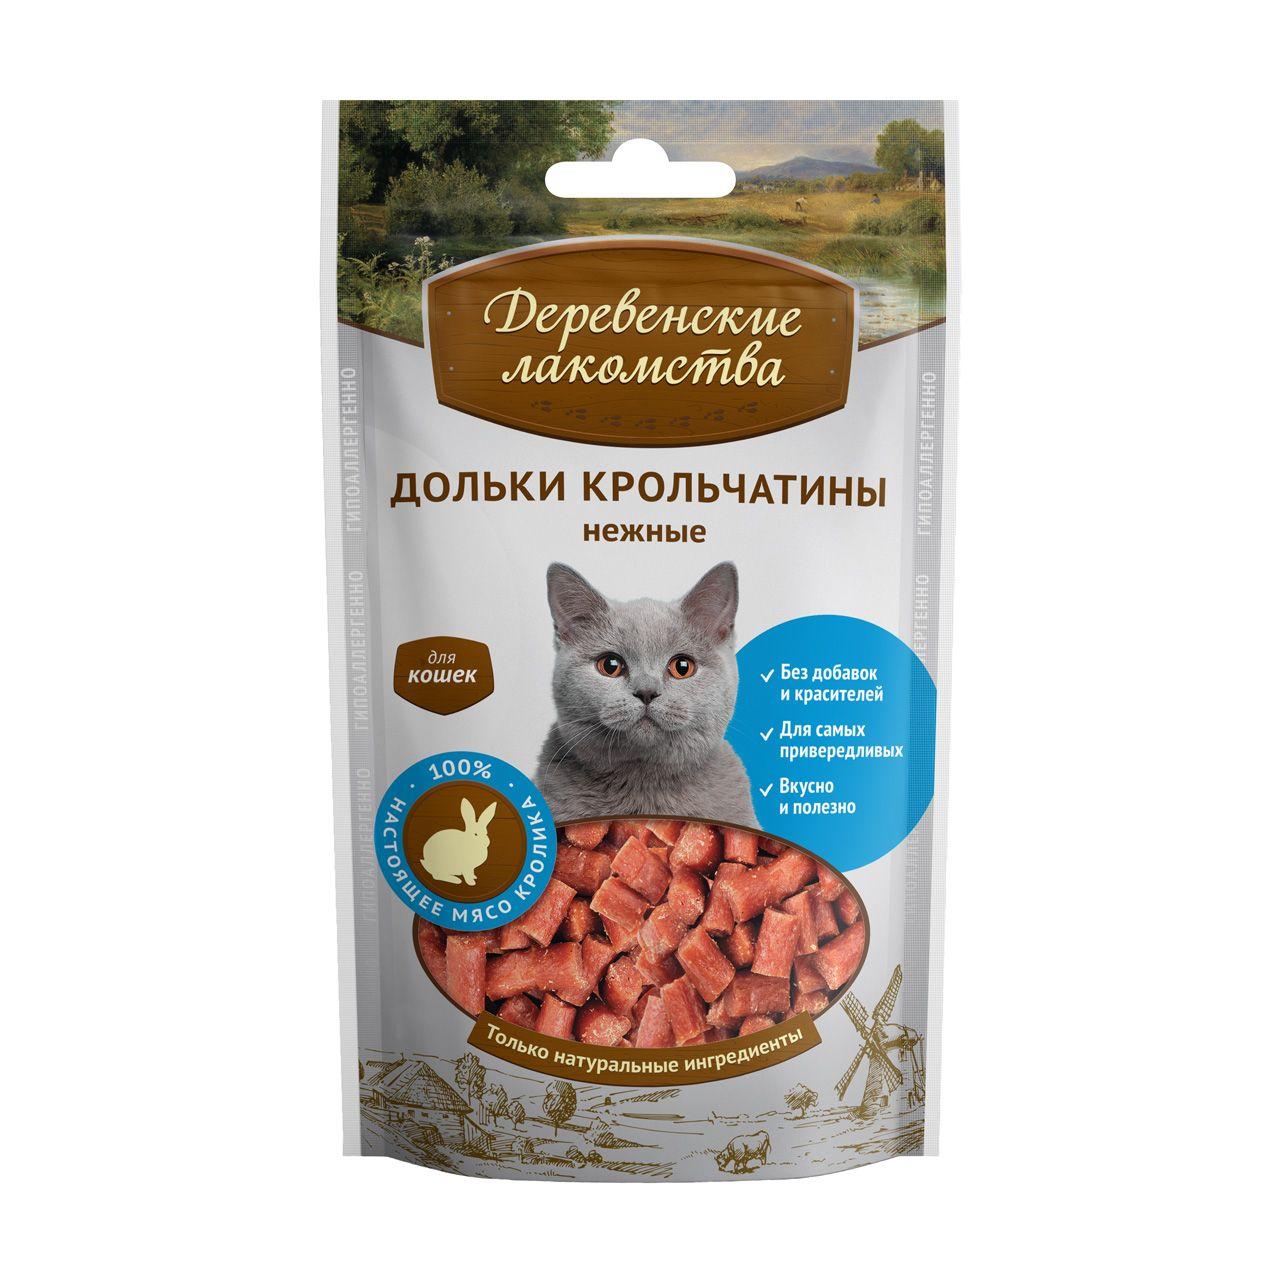 """Дольки крольчатины """"Деревенские лакомства"""" нежные для кошек"""